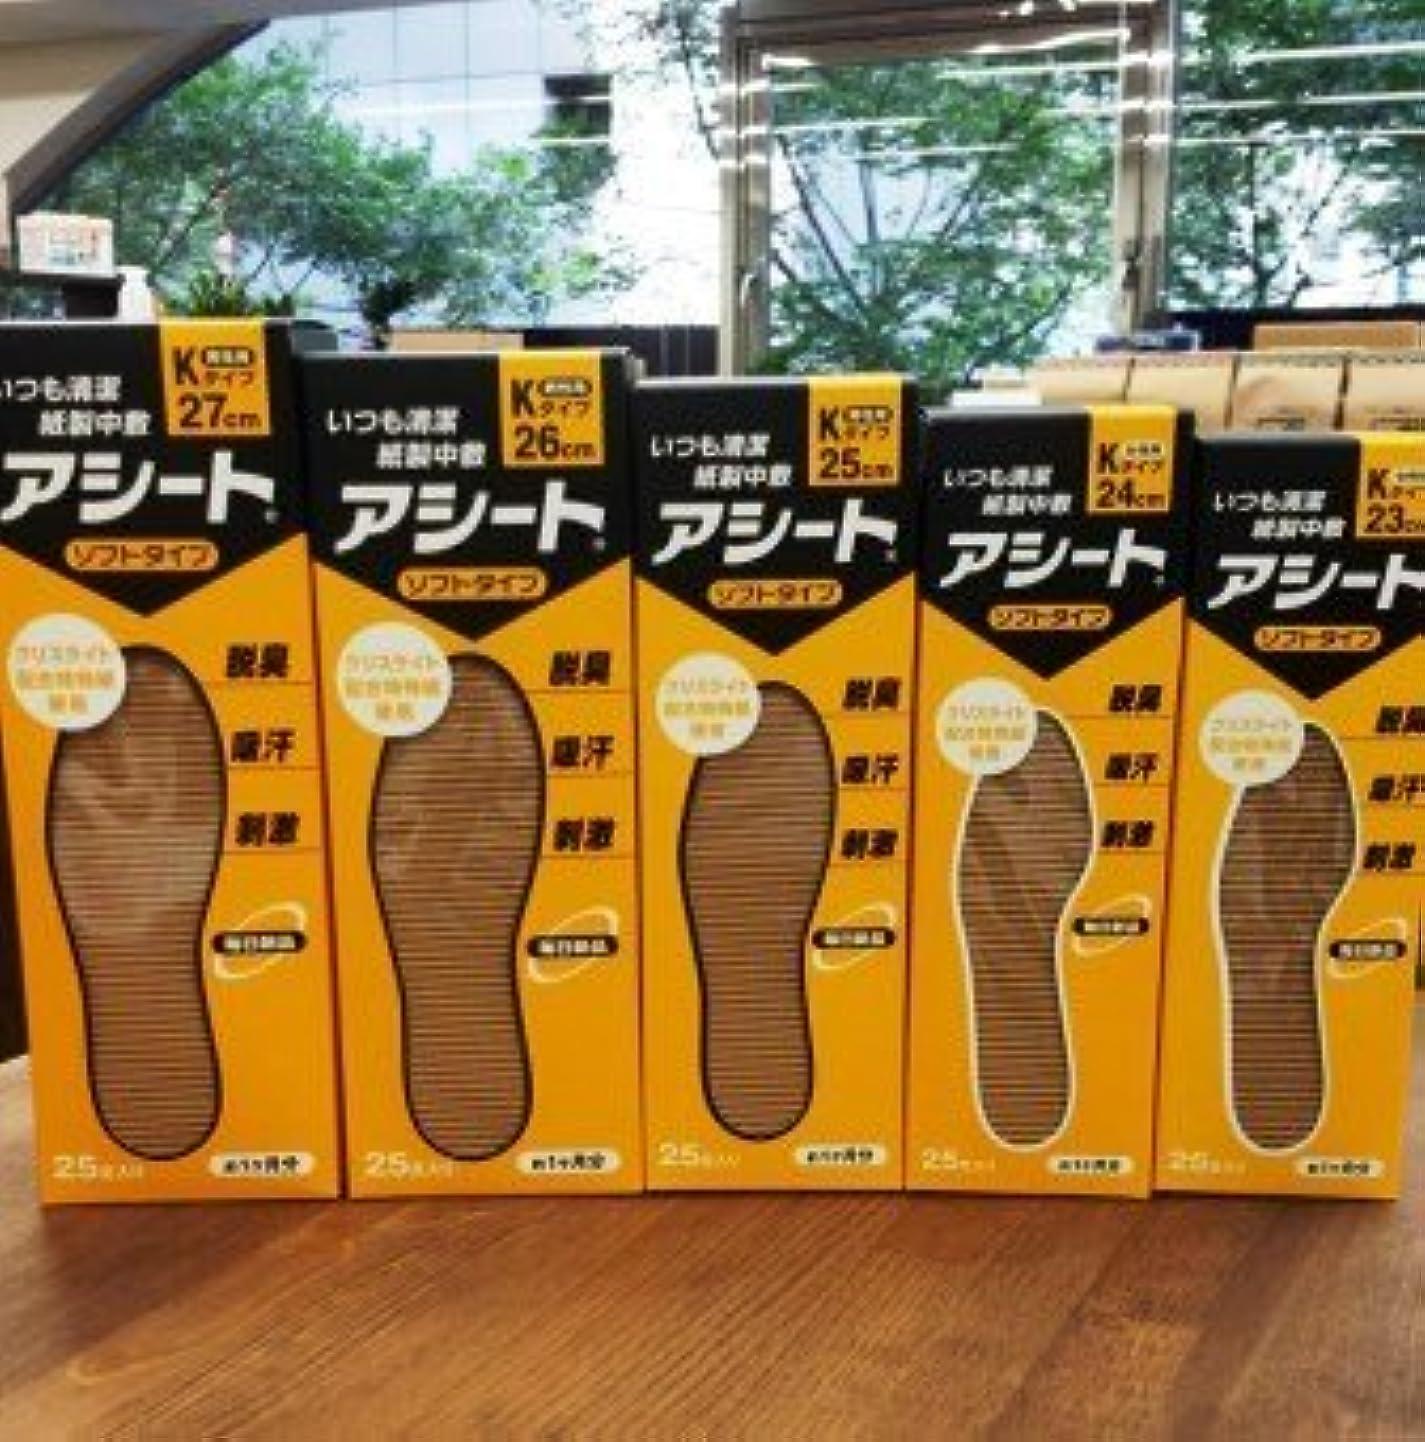 不忠クスコポップアシートK(サイズ25cm)×5箱セット(15足増量中)